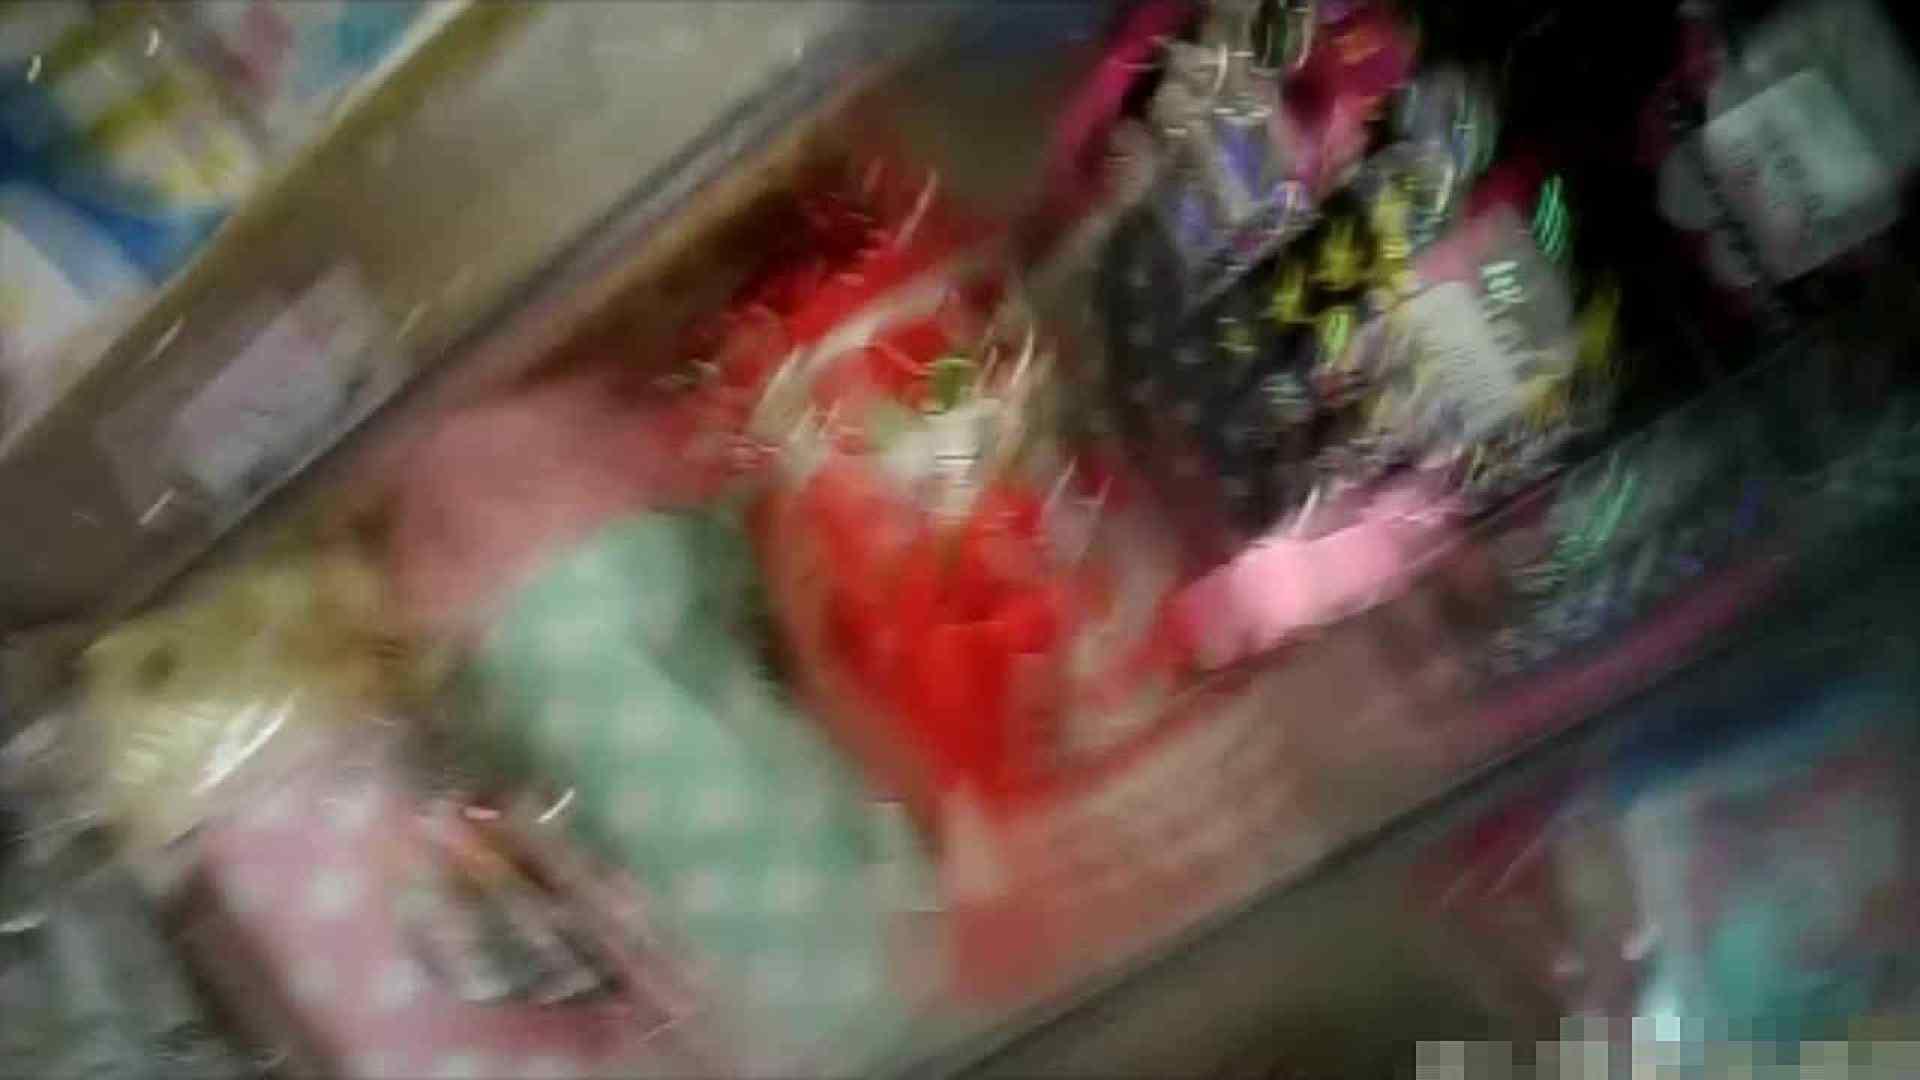 NO.5 意外に豊満な胸の雑貨屋で物色中のお女市さん 胸チラ  66PIX 10